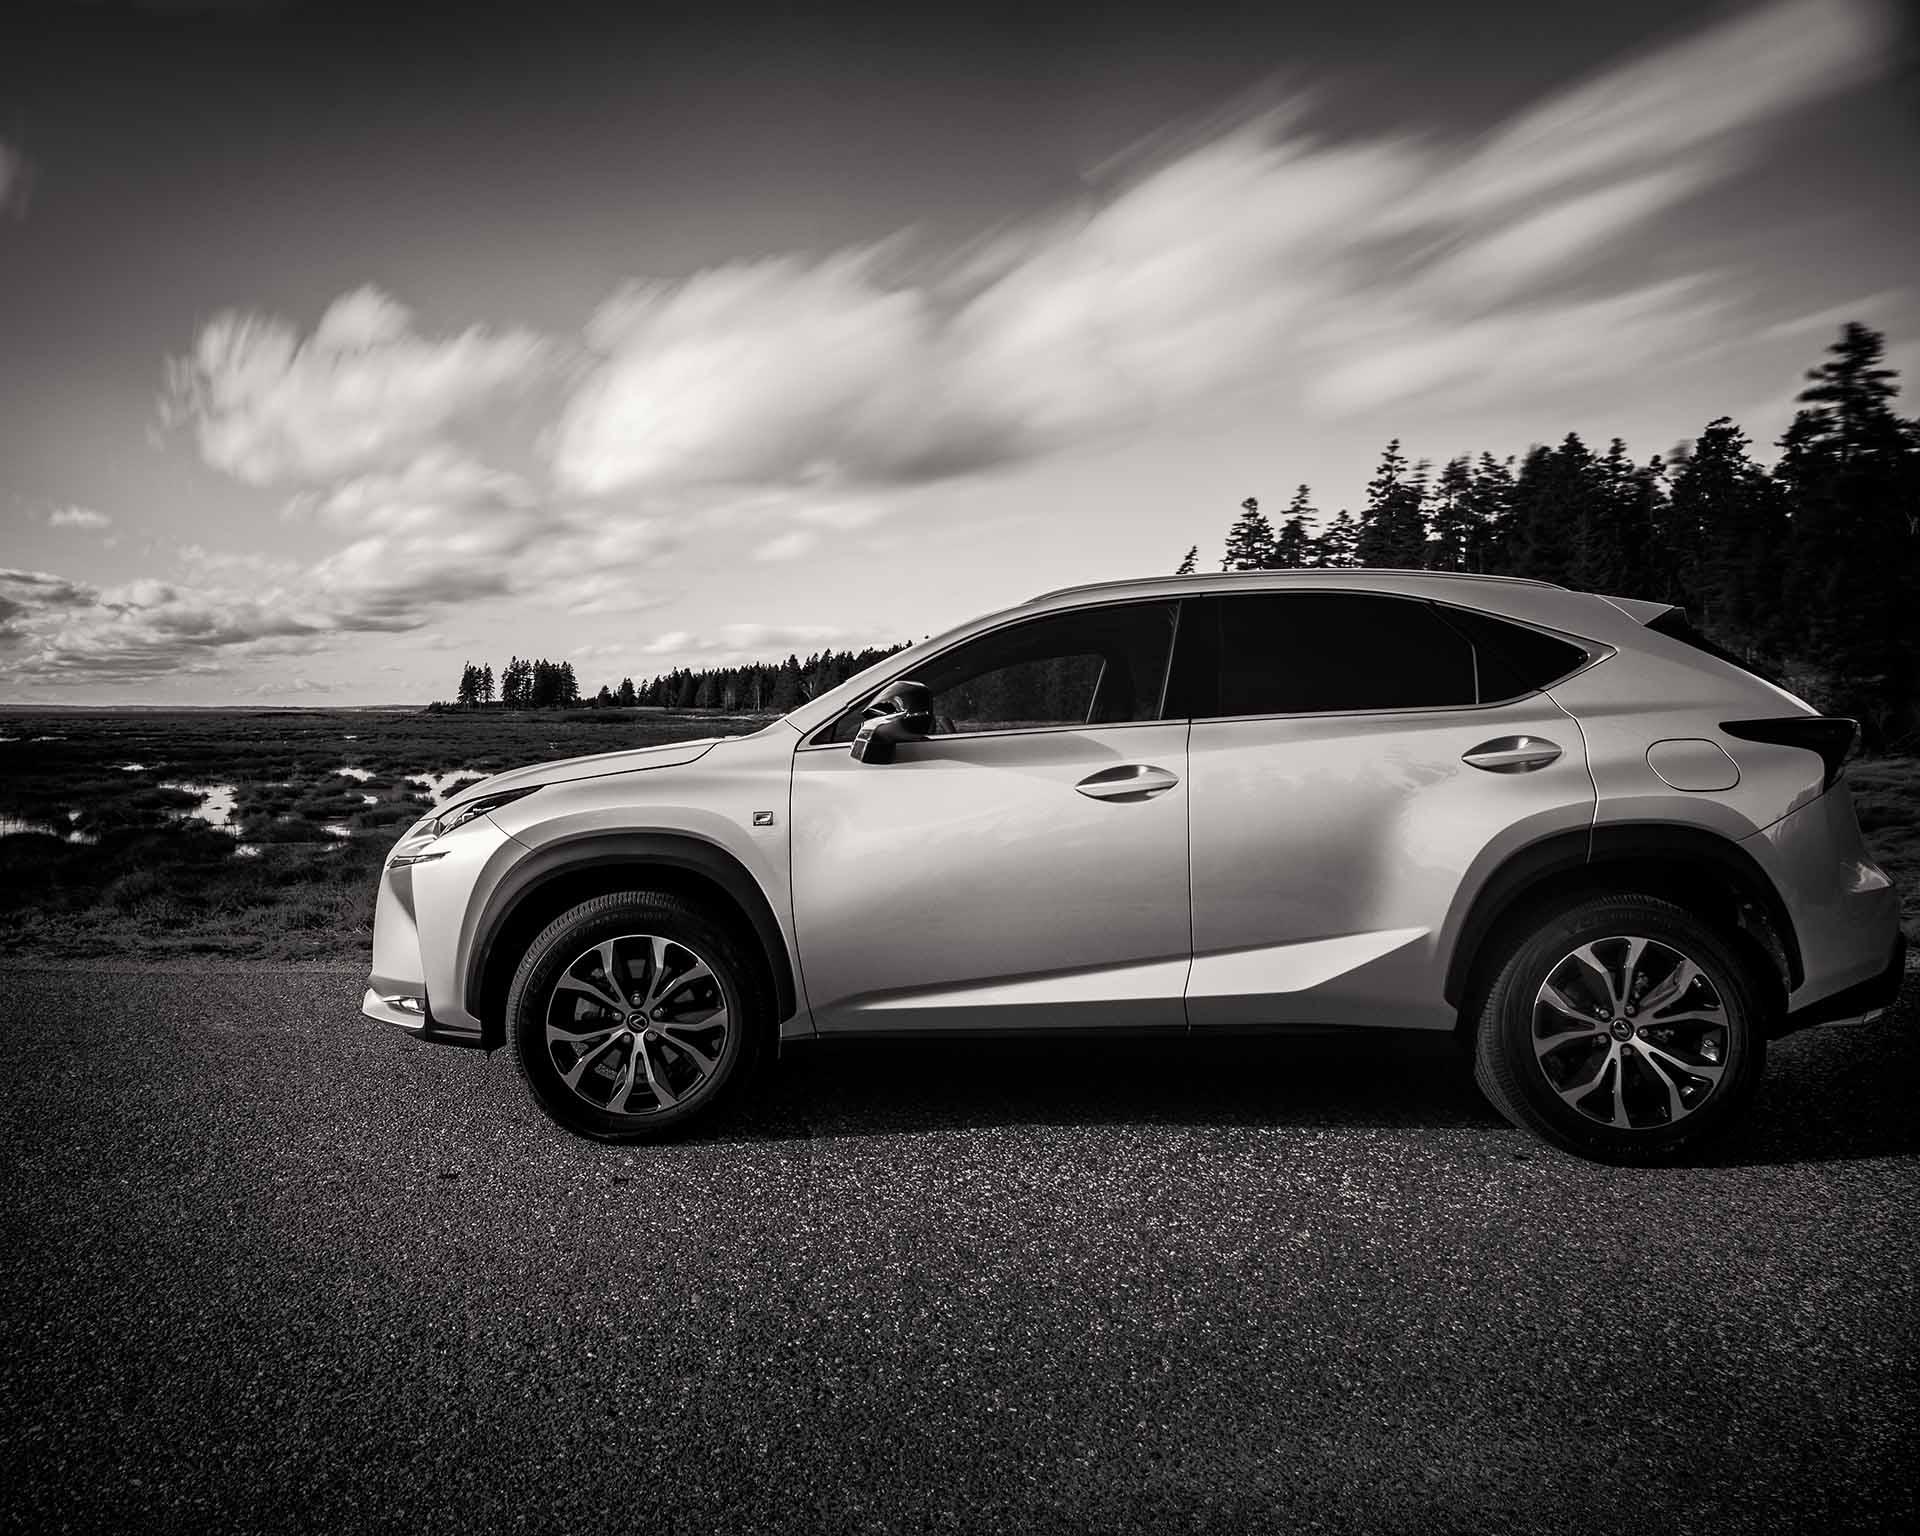 Lexus-NX-Sport-Nate-Parker-Photography-2